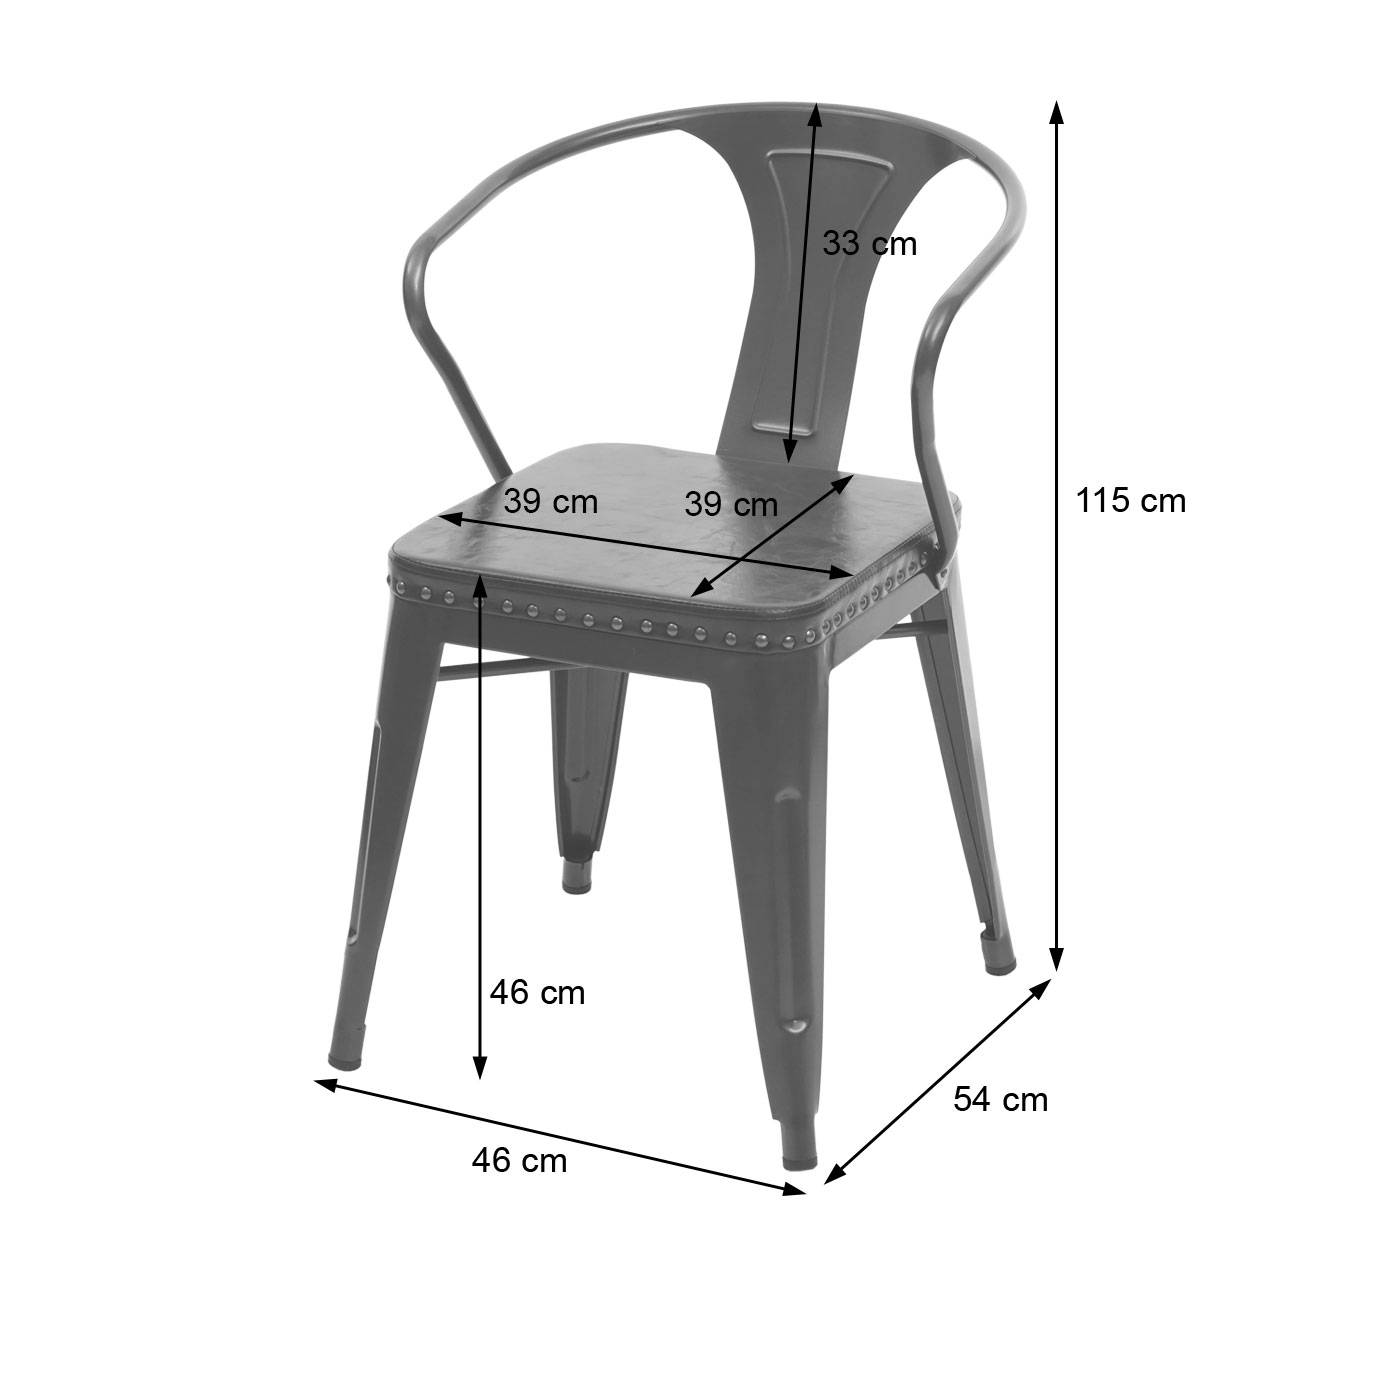 HWC-H10 Bemaßungsbild Stuhl